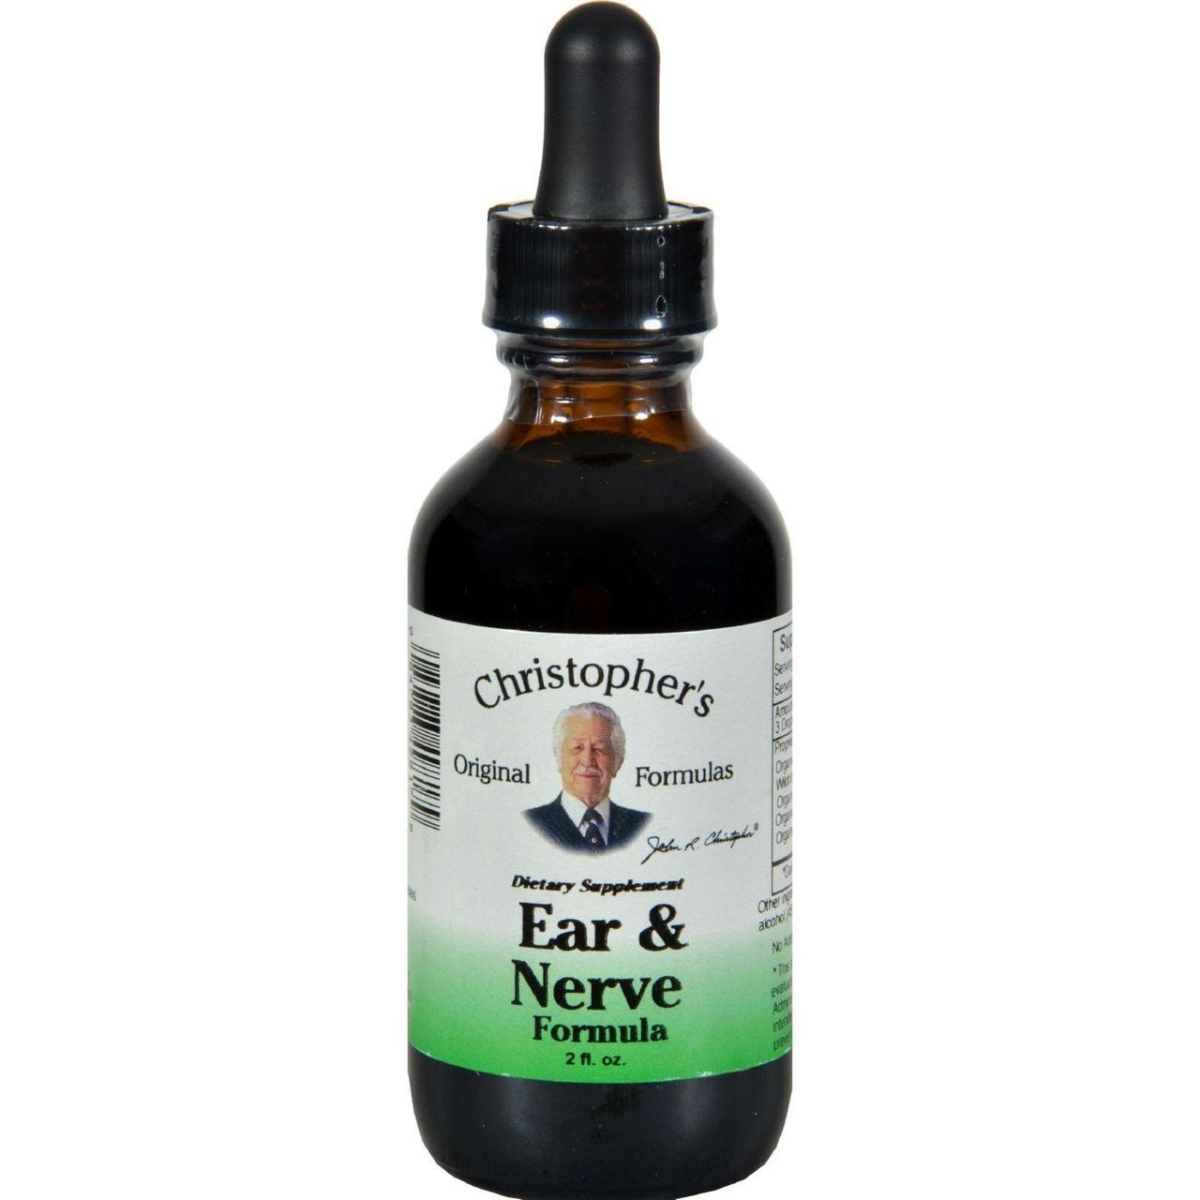 Dr. Christophers Formulas HG0758078 2 fl oz Ear & Nerve